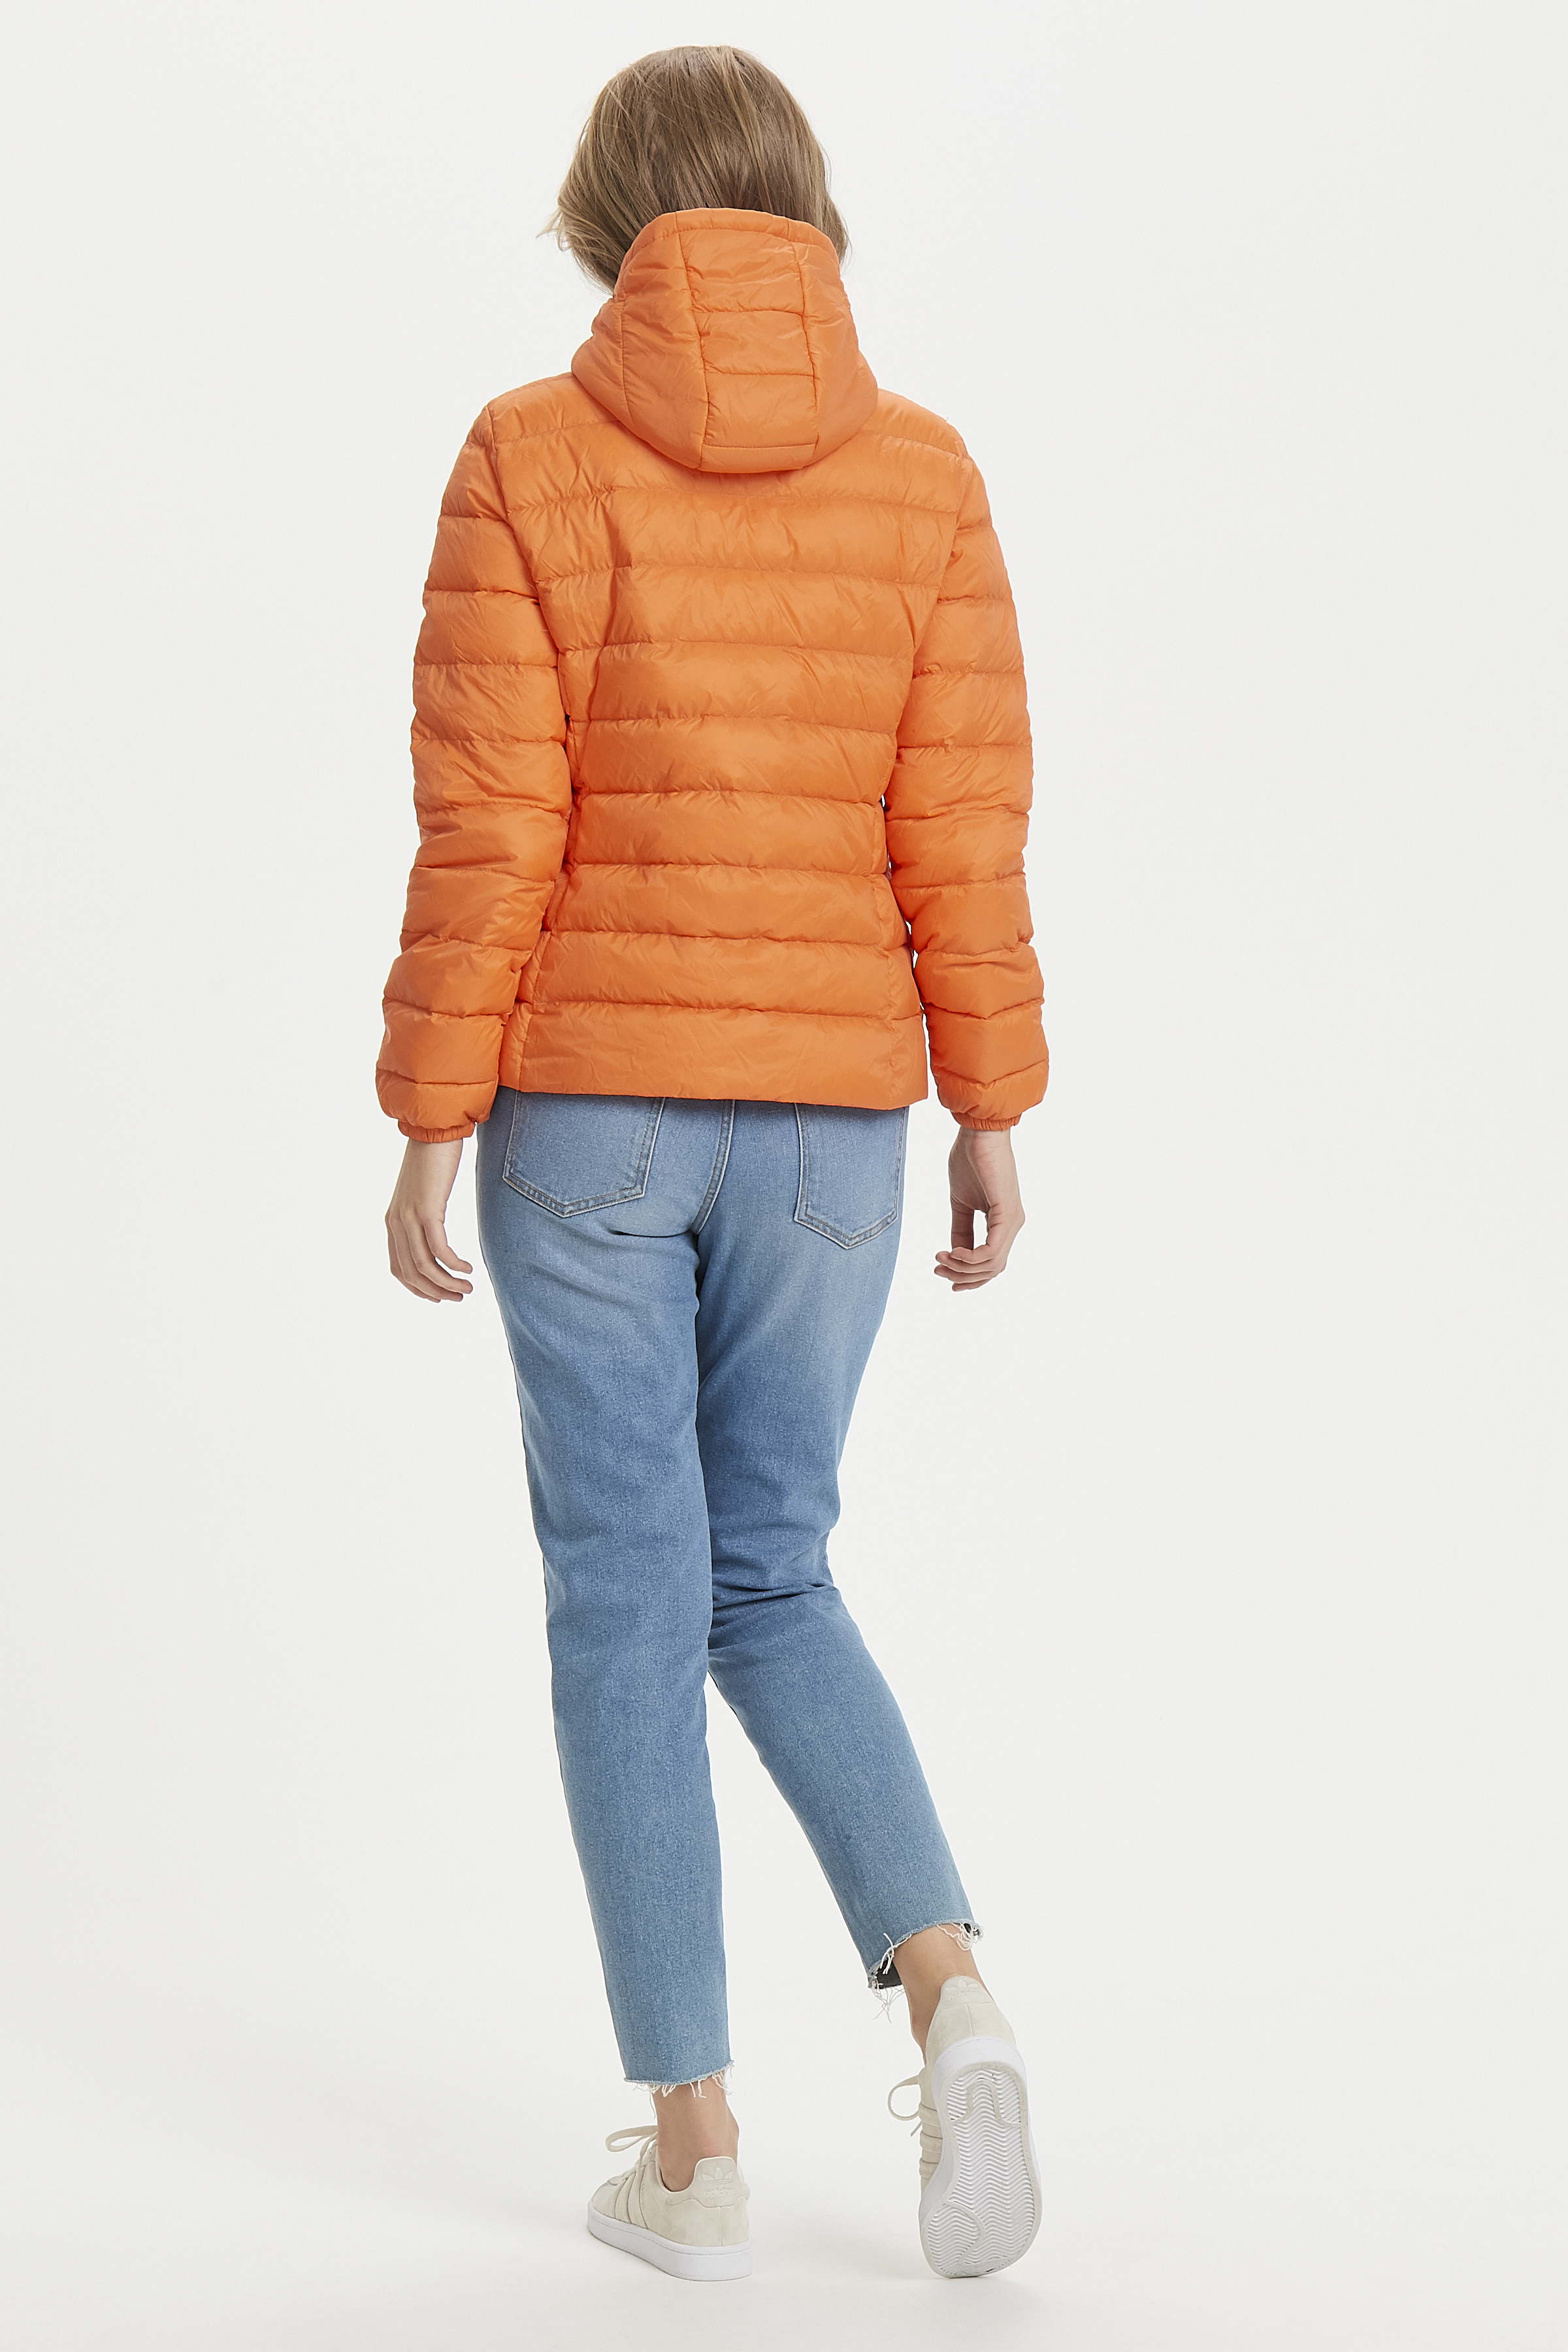 Tulip Orange Jas van b.young – Koop Tulip Orange Jas hier van size 34-46